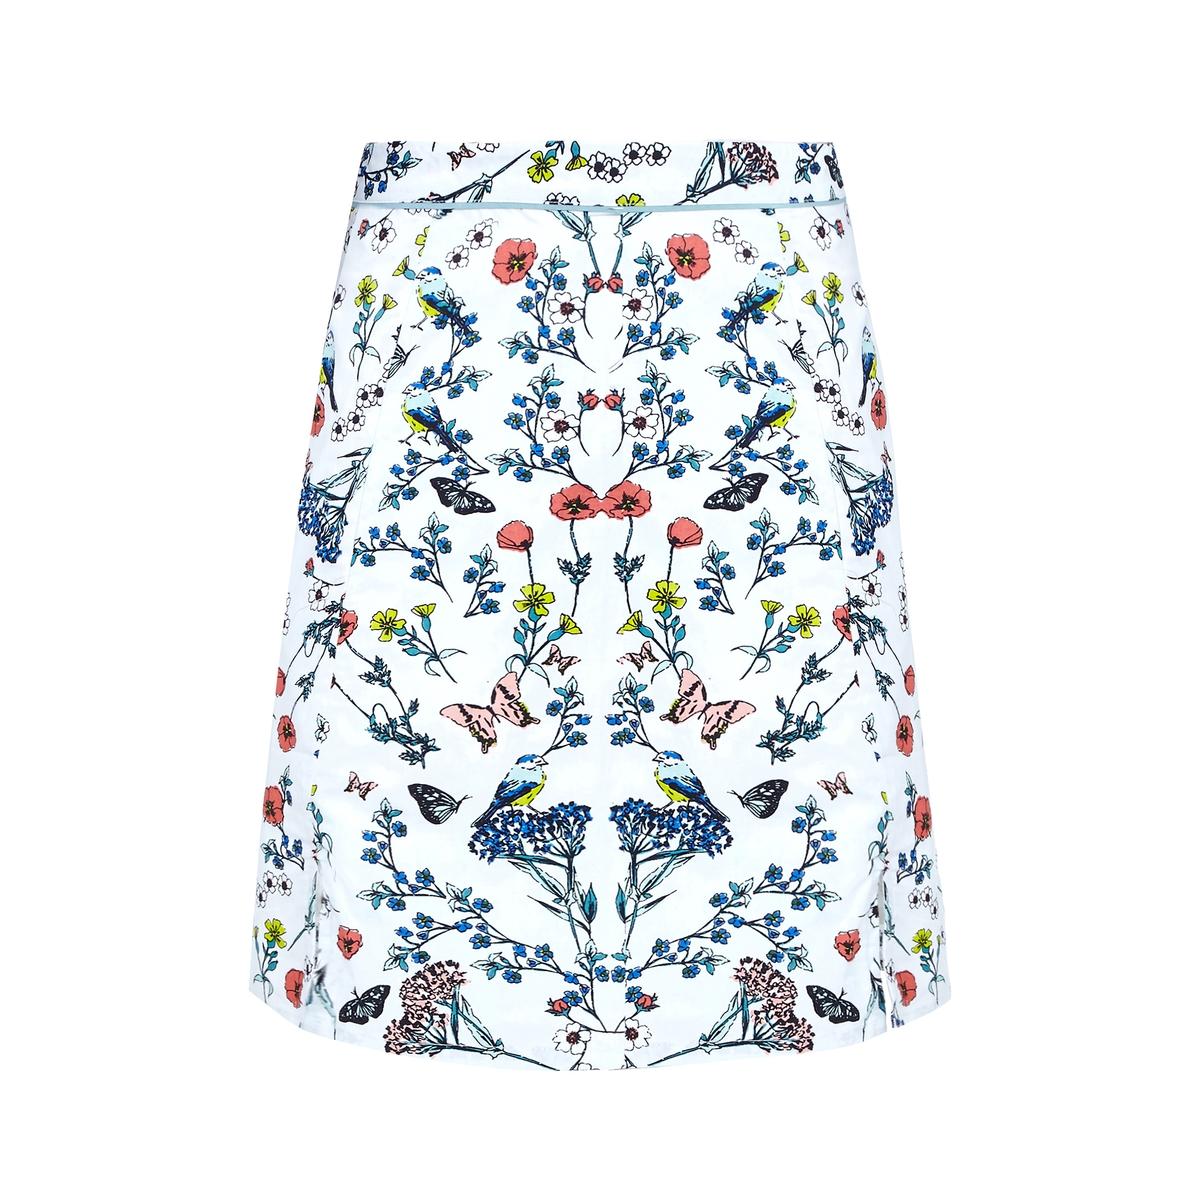 Юбка длиной до колен с цветочным рисункомМатериал : 100% хлопок   Рисунок : цветочный  Длина юбки : до колен<br><br>Цвет: слоновая кость<br>Размер: 36 (FR) - 42 (RUS)